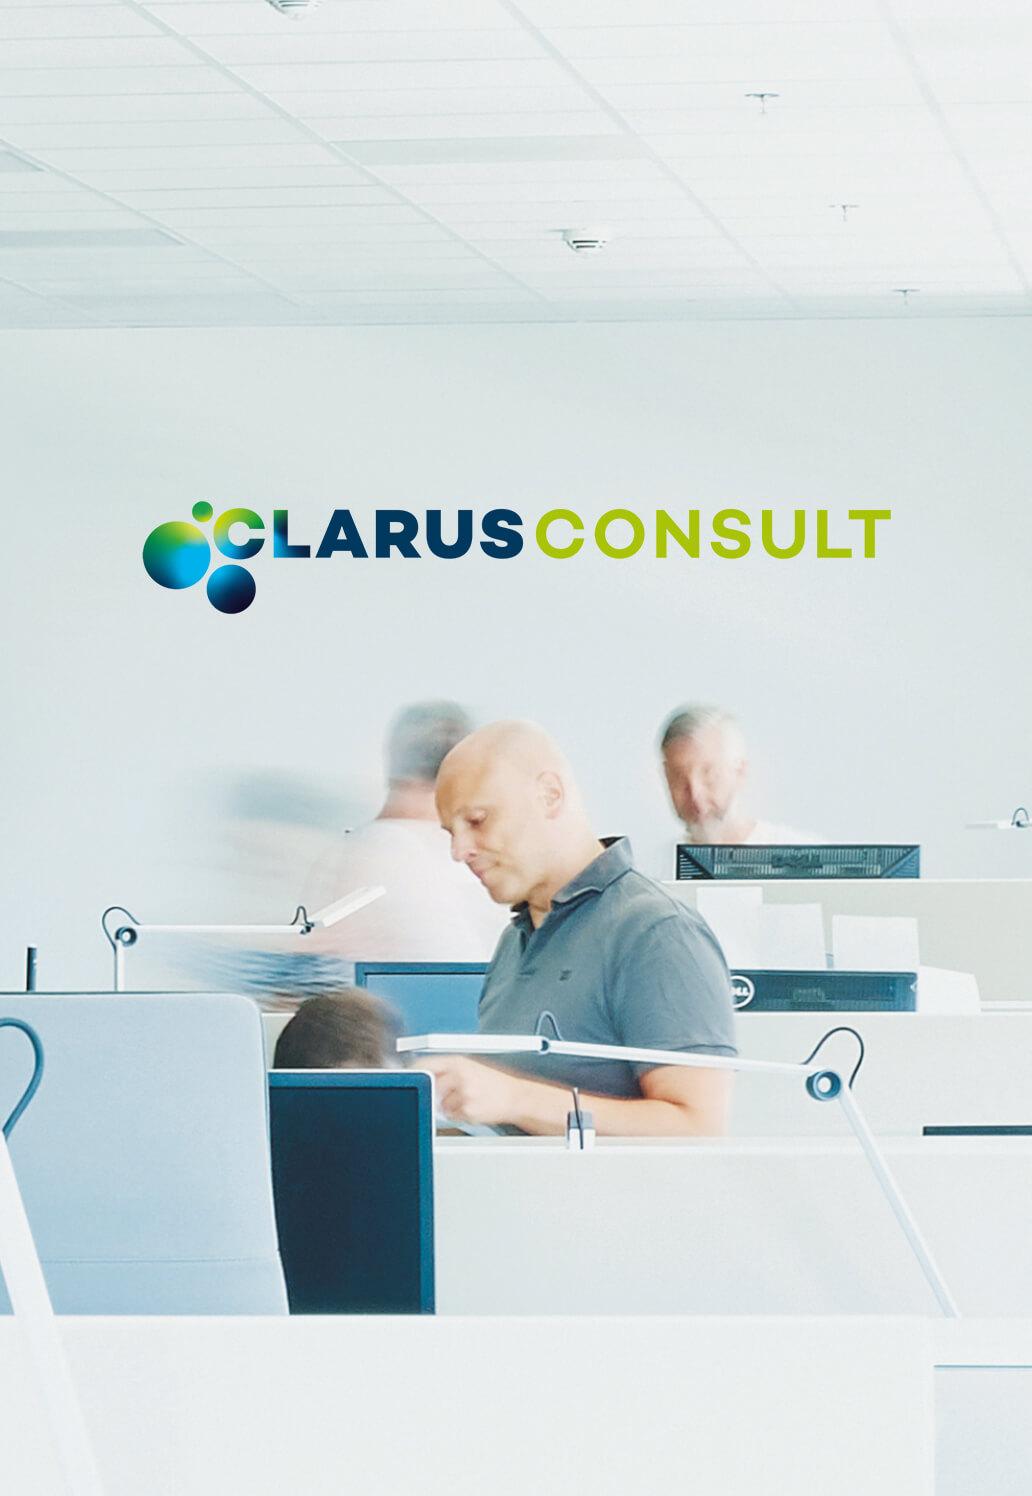 clarus-consult